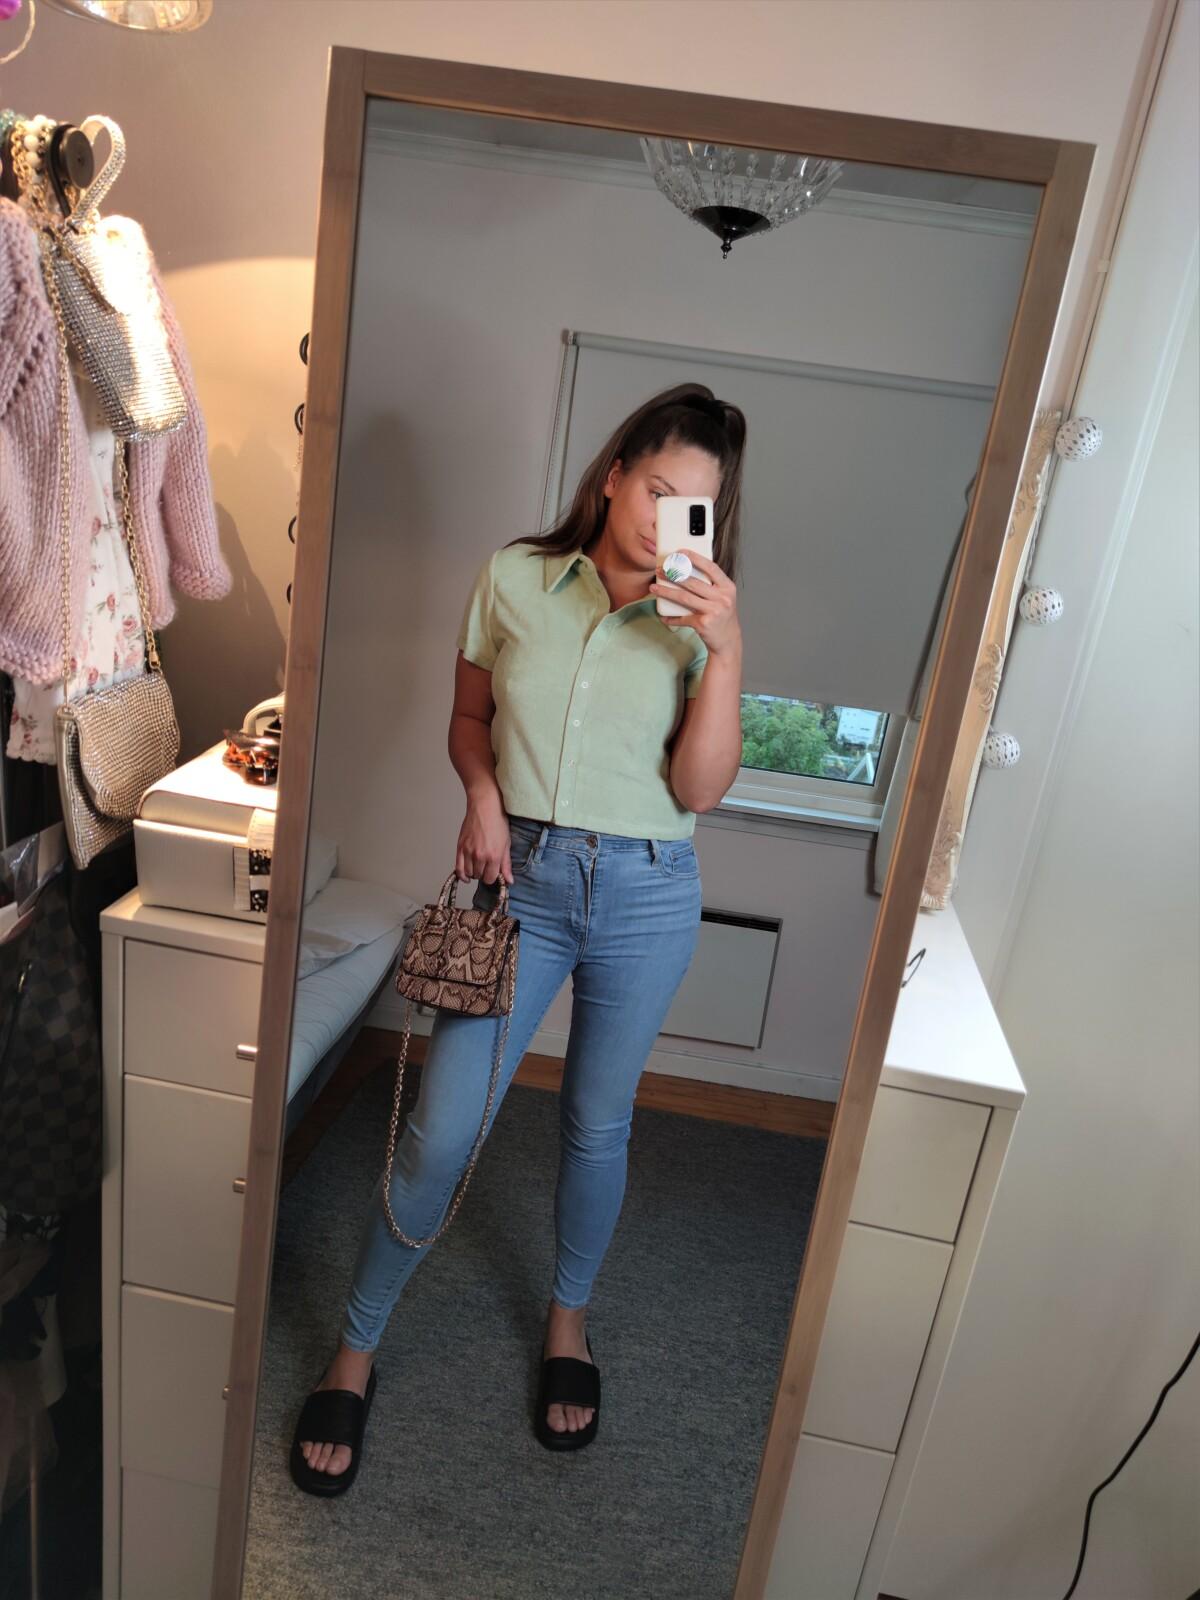 isalicious-isaliciou1-mote-stil-beauty-skjønnhet-nellycom-nelly-shopping-innkjøp-newin-new-handel-nettshopping-antrekk-outfit-trend-trender-sommertrend-vesker-isalicious.blogg-levis-moteblogger-stilblogger-